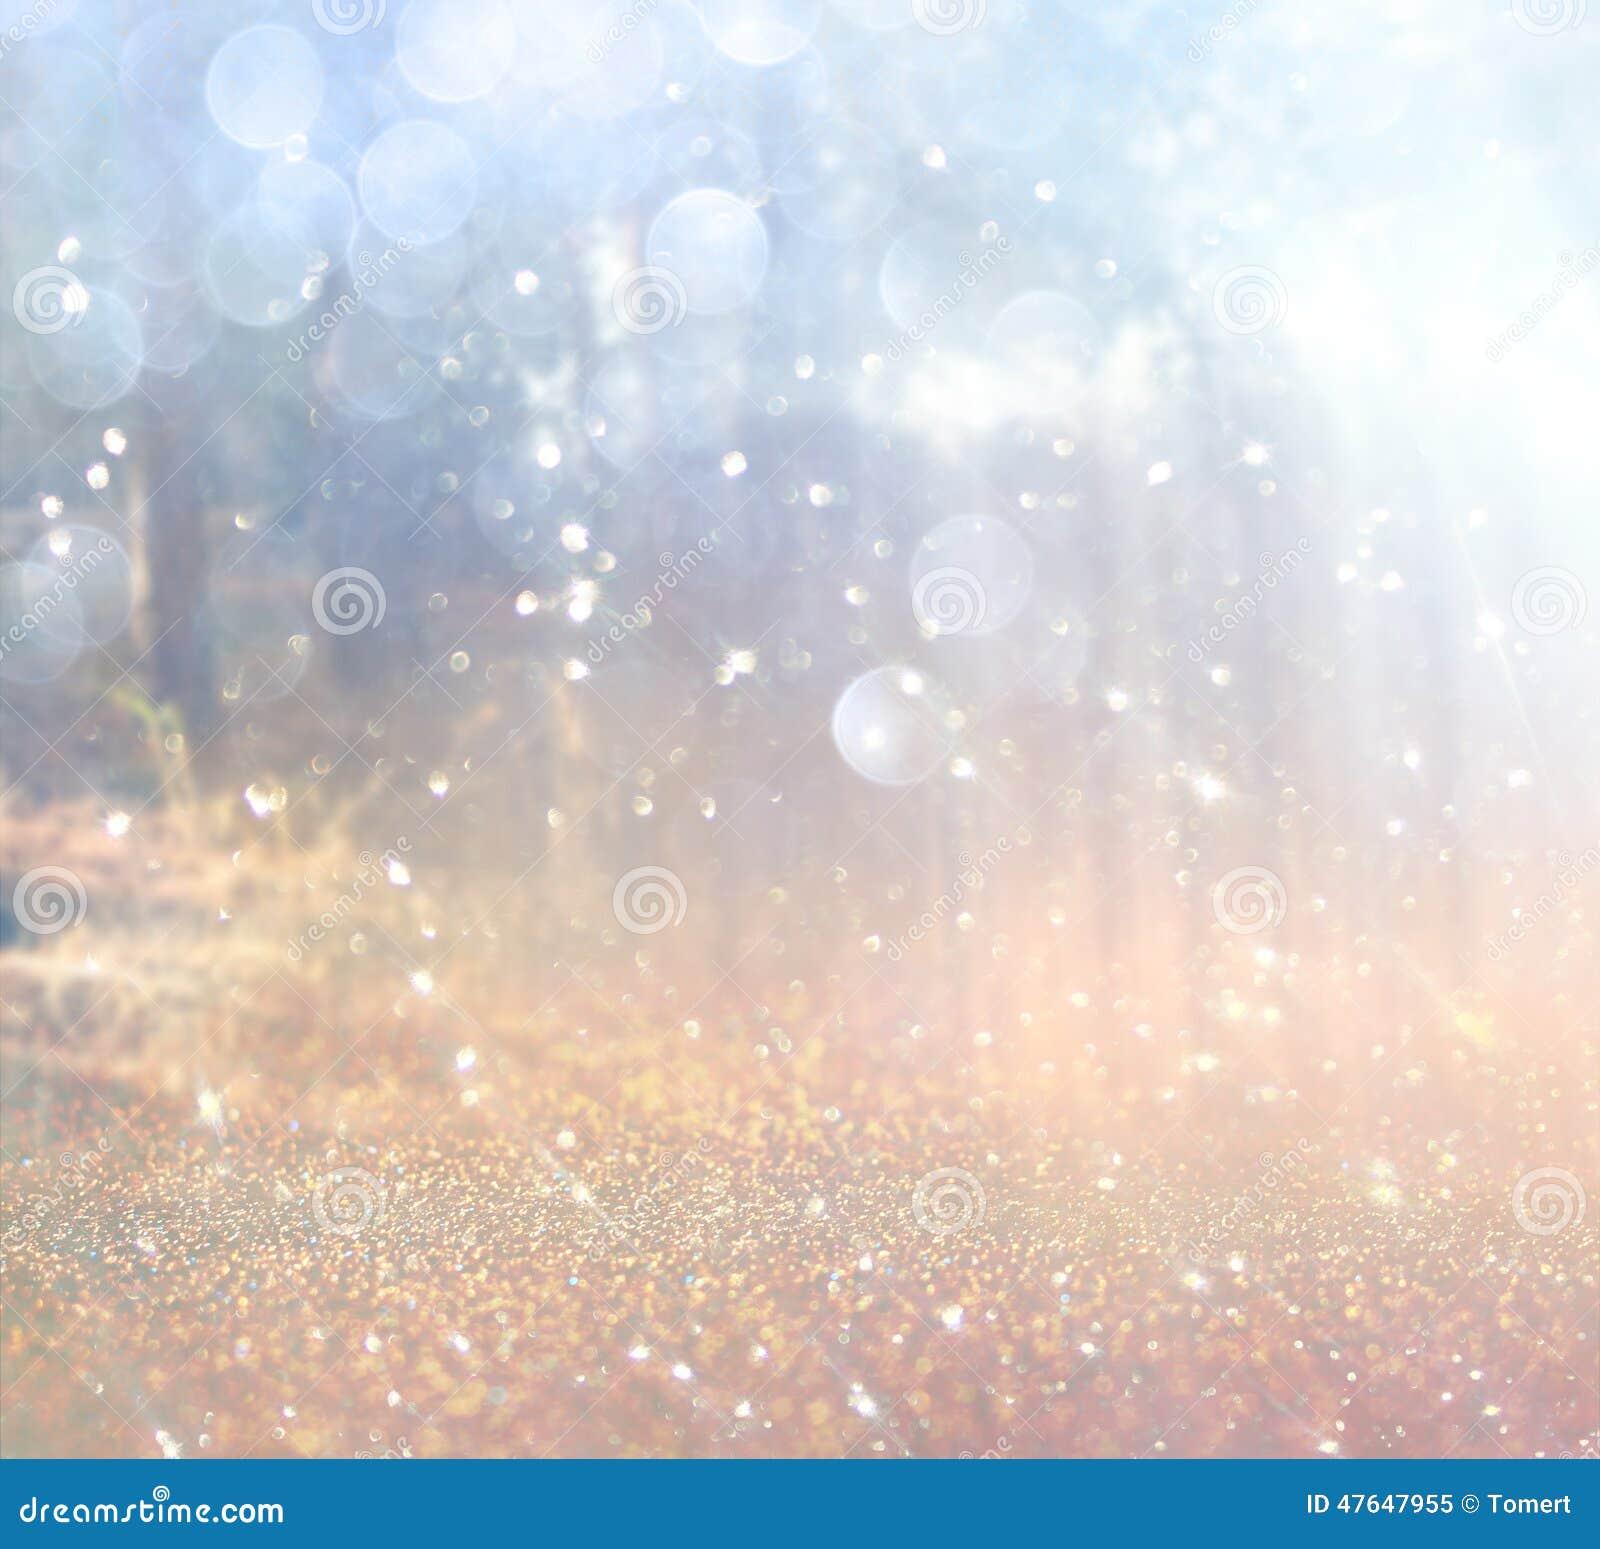 Abstraktes Foto der Lichtexplosion unter Bäumen und Funkeln bokeh beleuchtet Bild wird verwischt und gefiltert